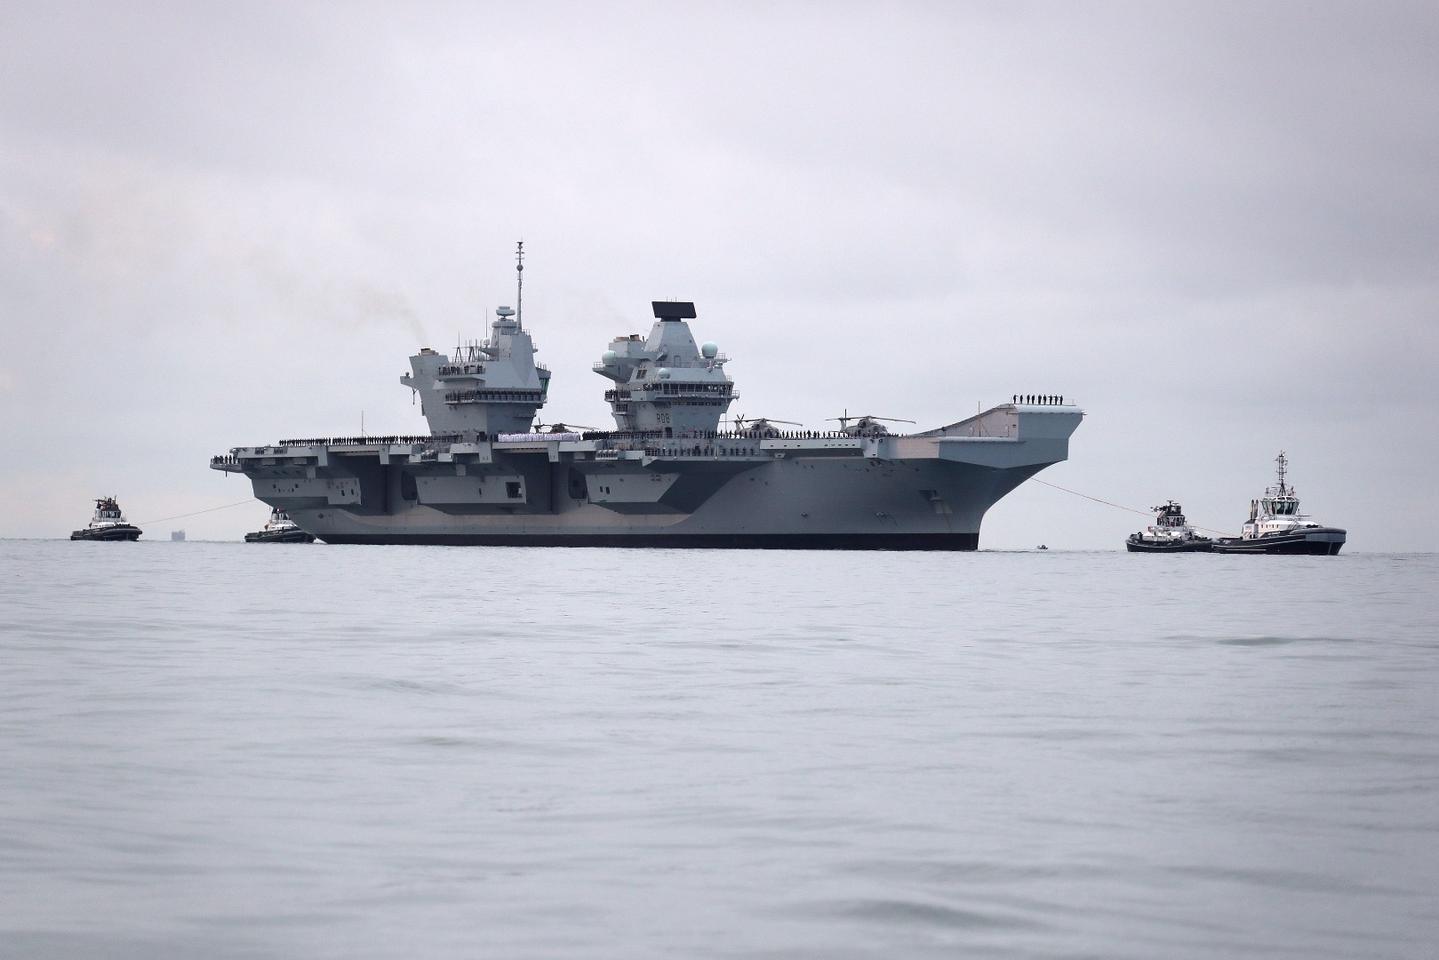 HMS Queen Elizabeth has been undergoing sea trials